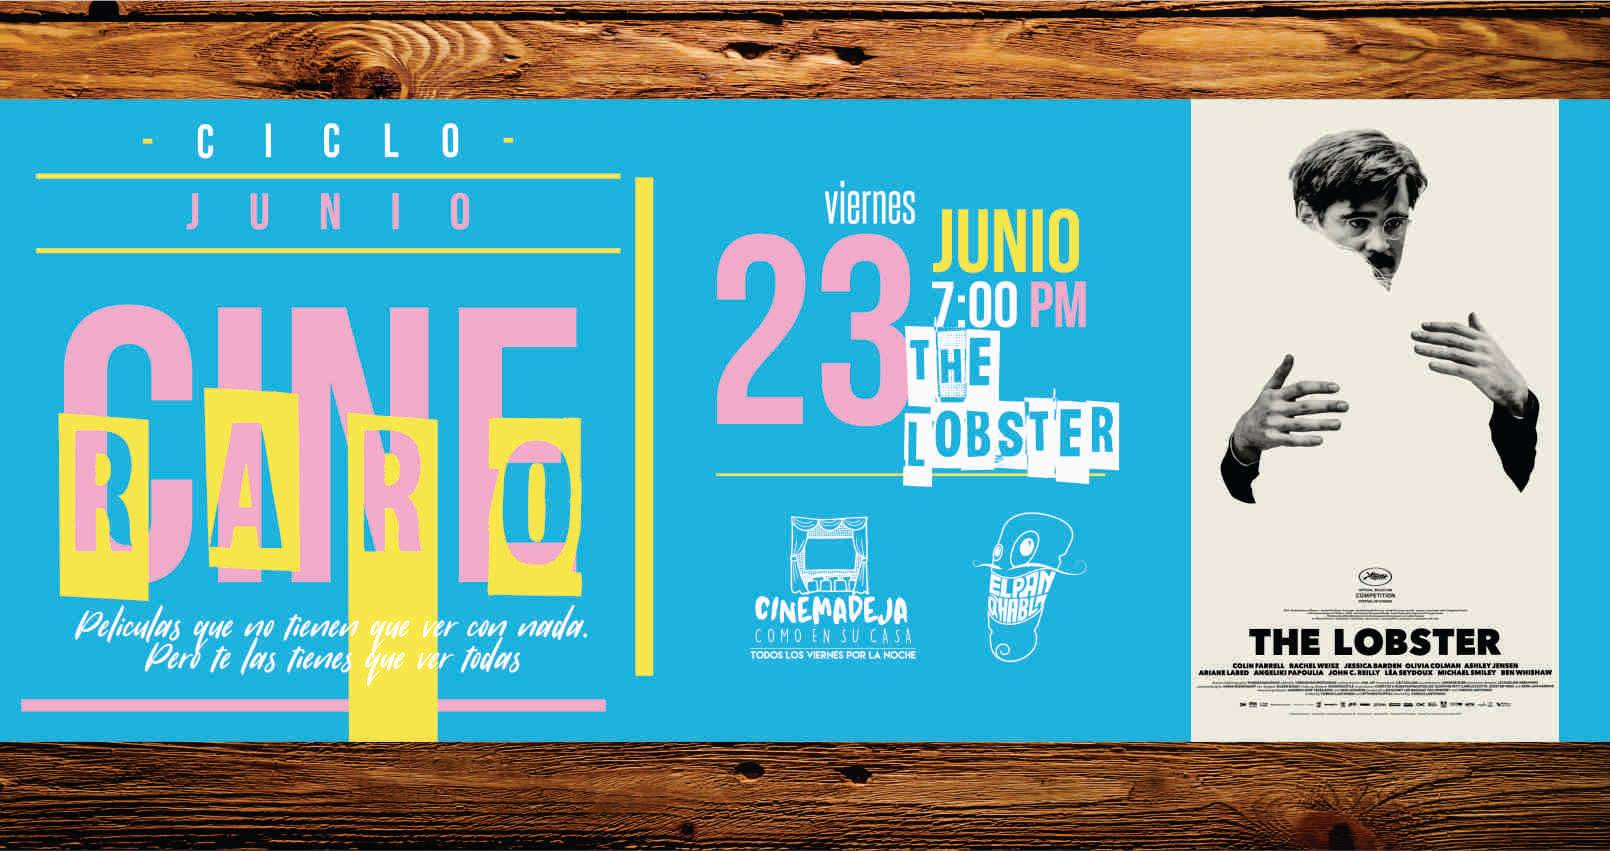 Proyección de la película 'The Lobster' en el ciclo de cine raro de La Madeja de Gente, Bucaramanga